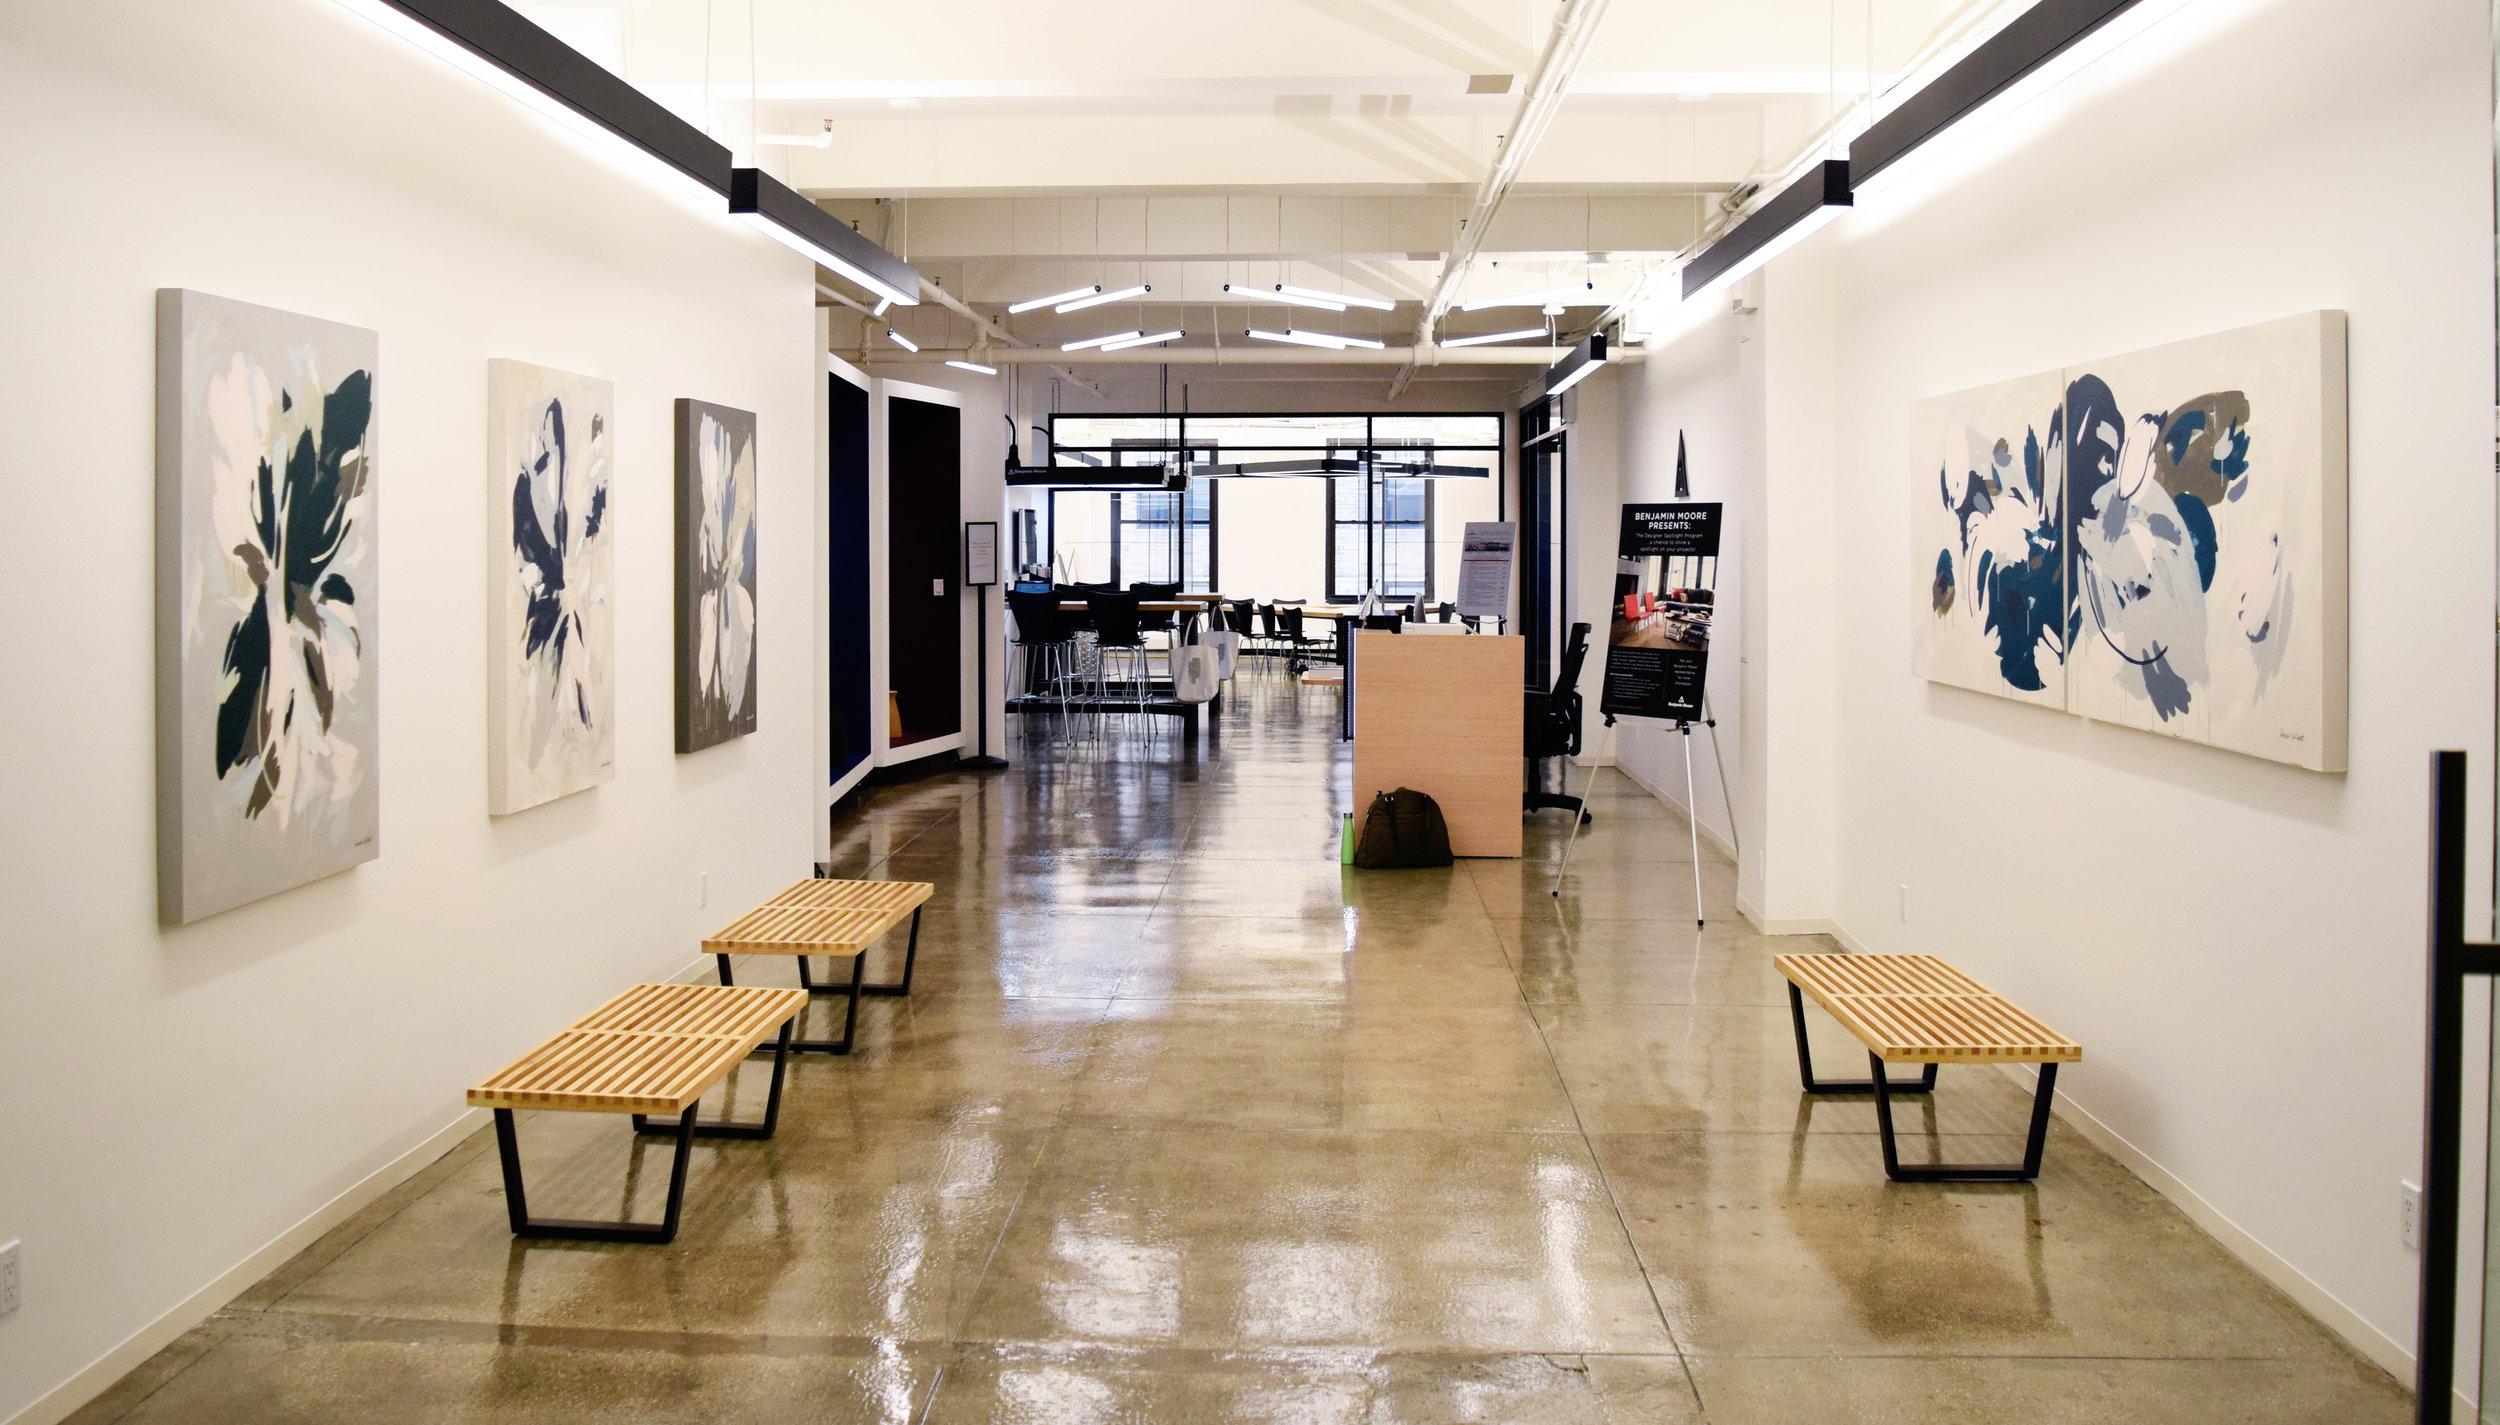 Benjamin Moore's NYC Design Showroom featuring my paintings.